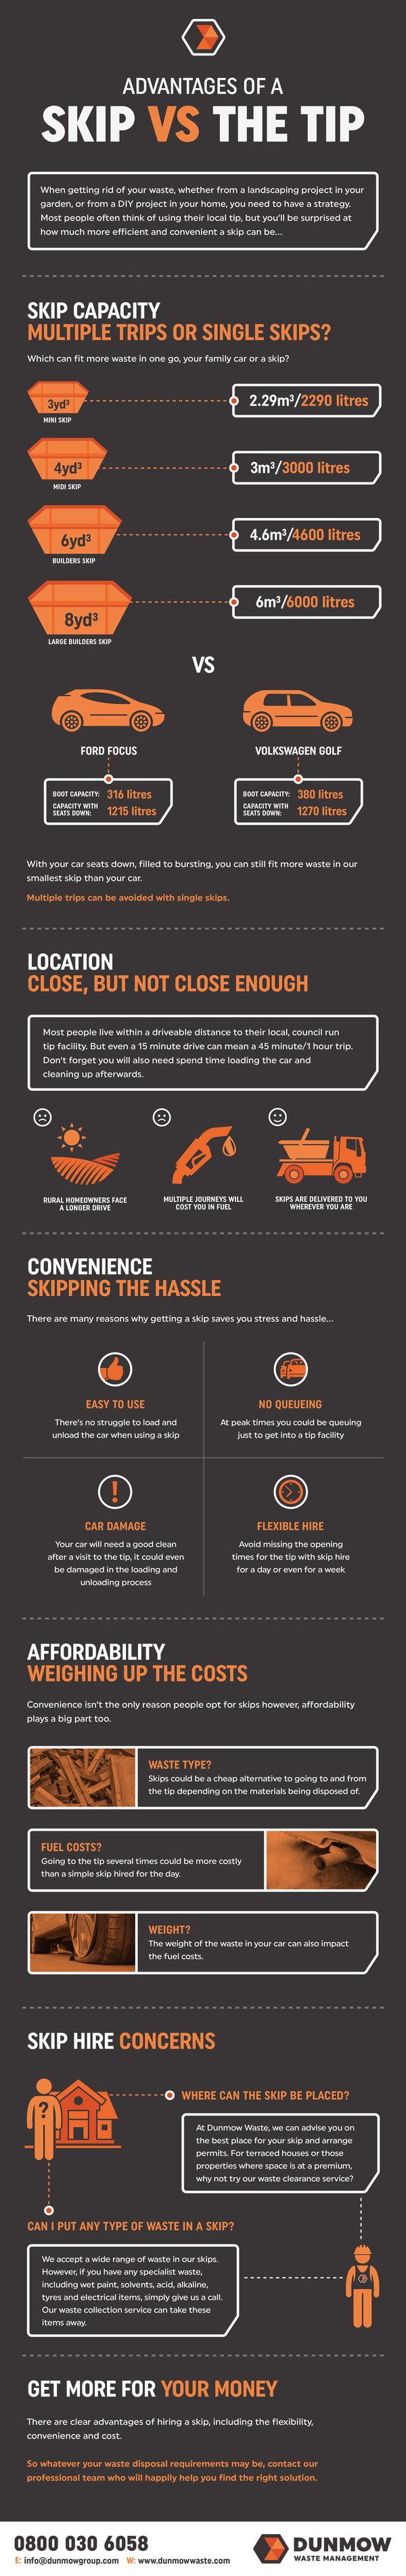 Advantages of a Skip vs the Tip